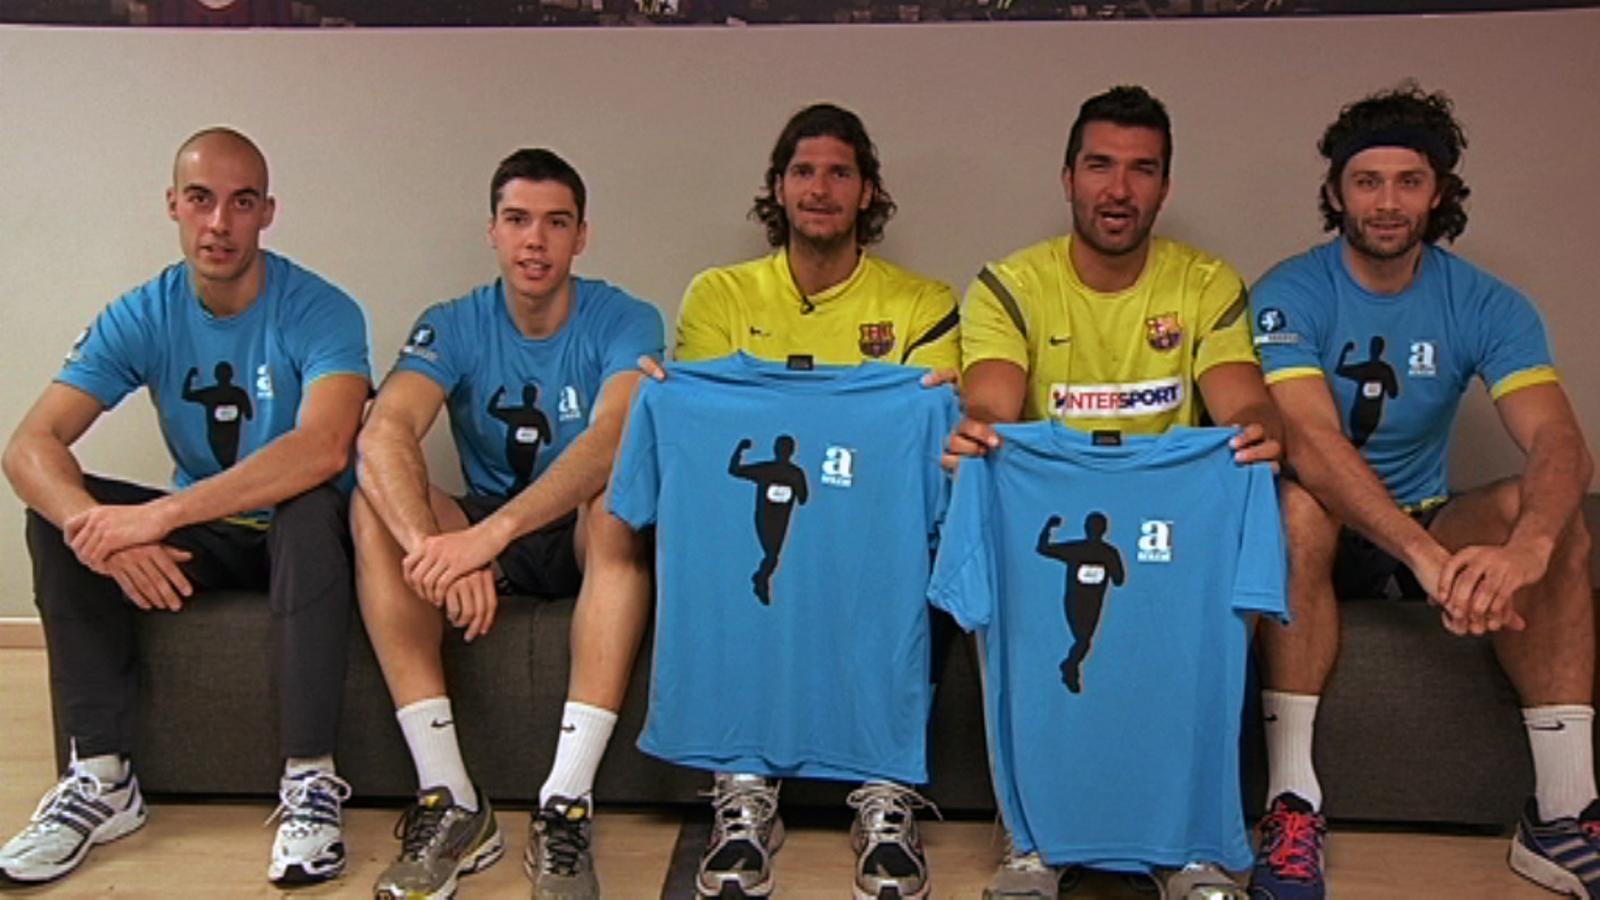 L'equip d'handbol del Barça es posa la samarreta solidària 'Ara correm contra el càncer'